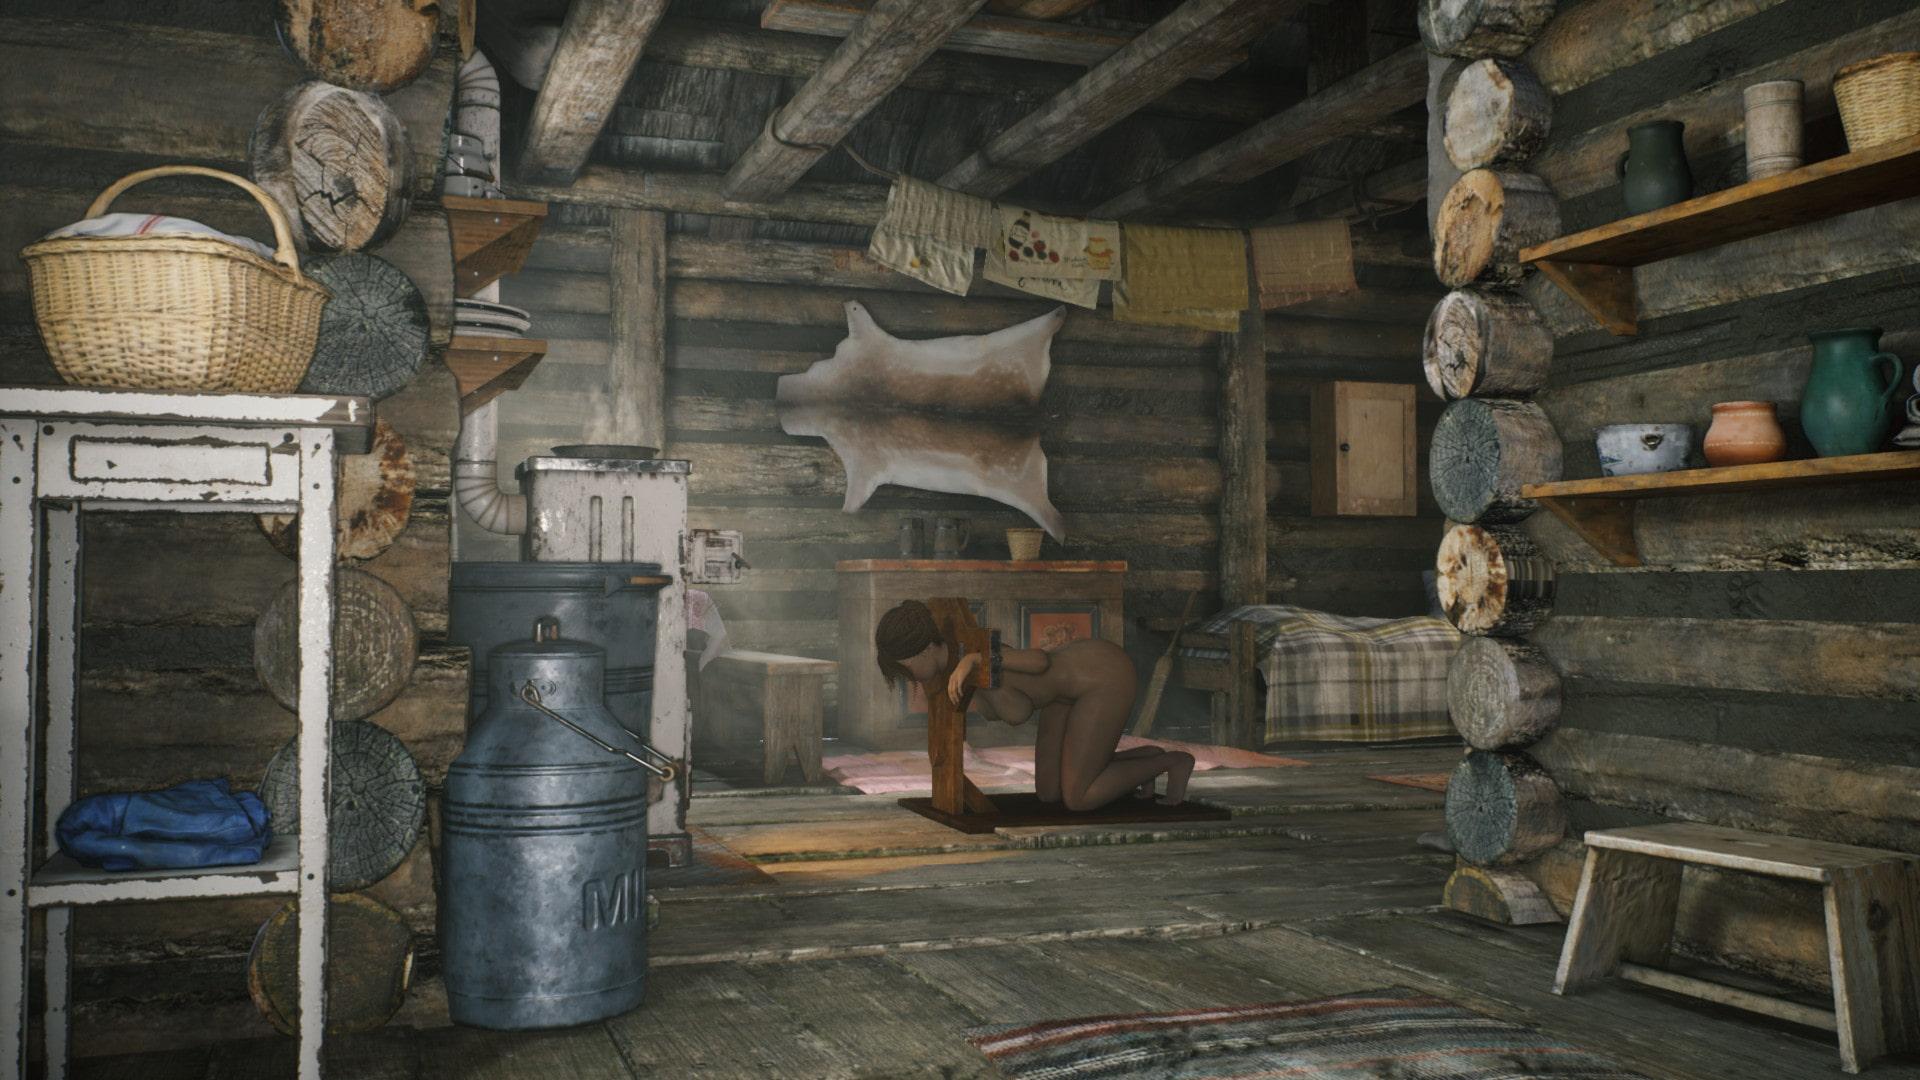 山小屋に監禁される女360°